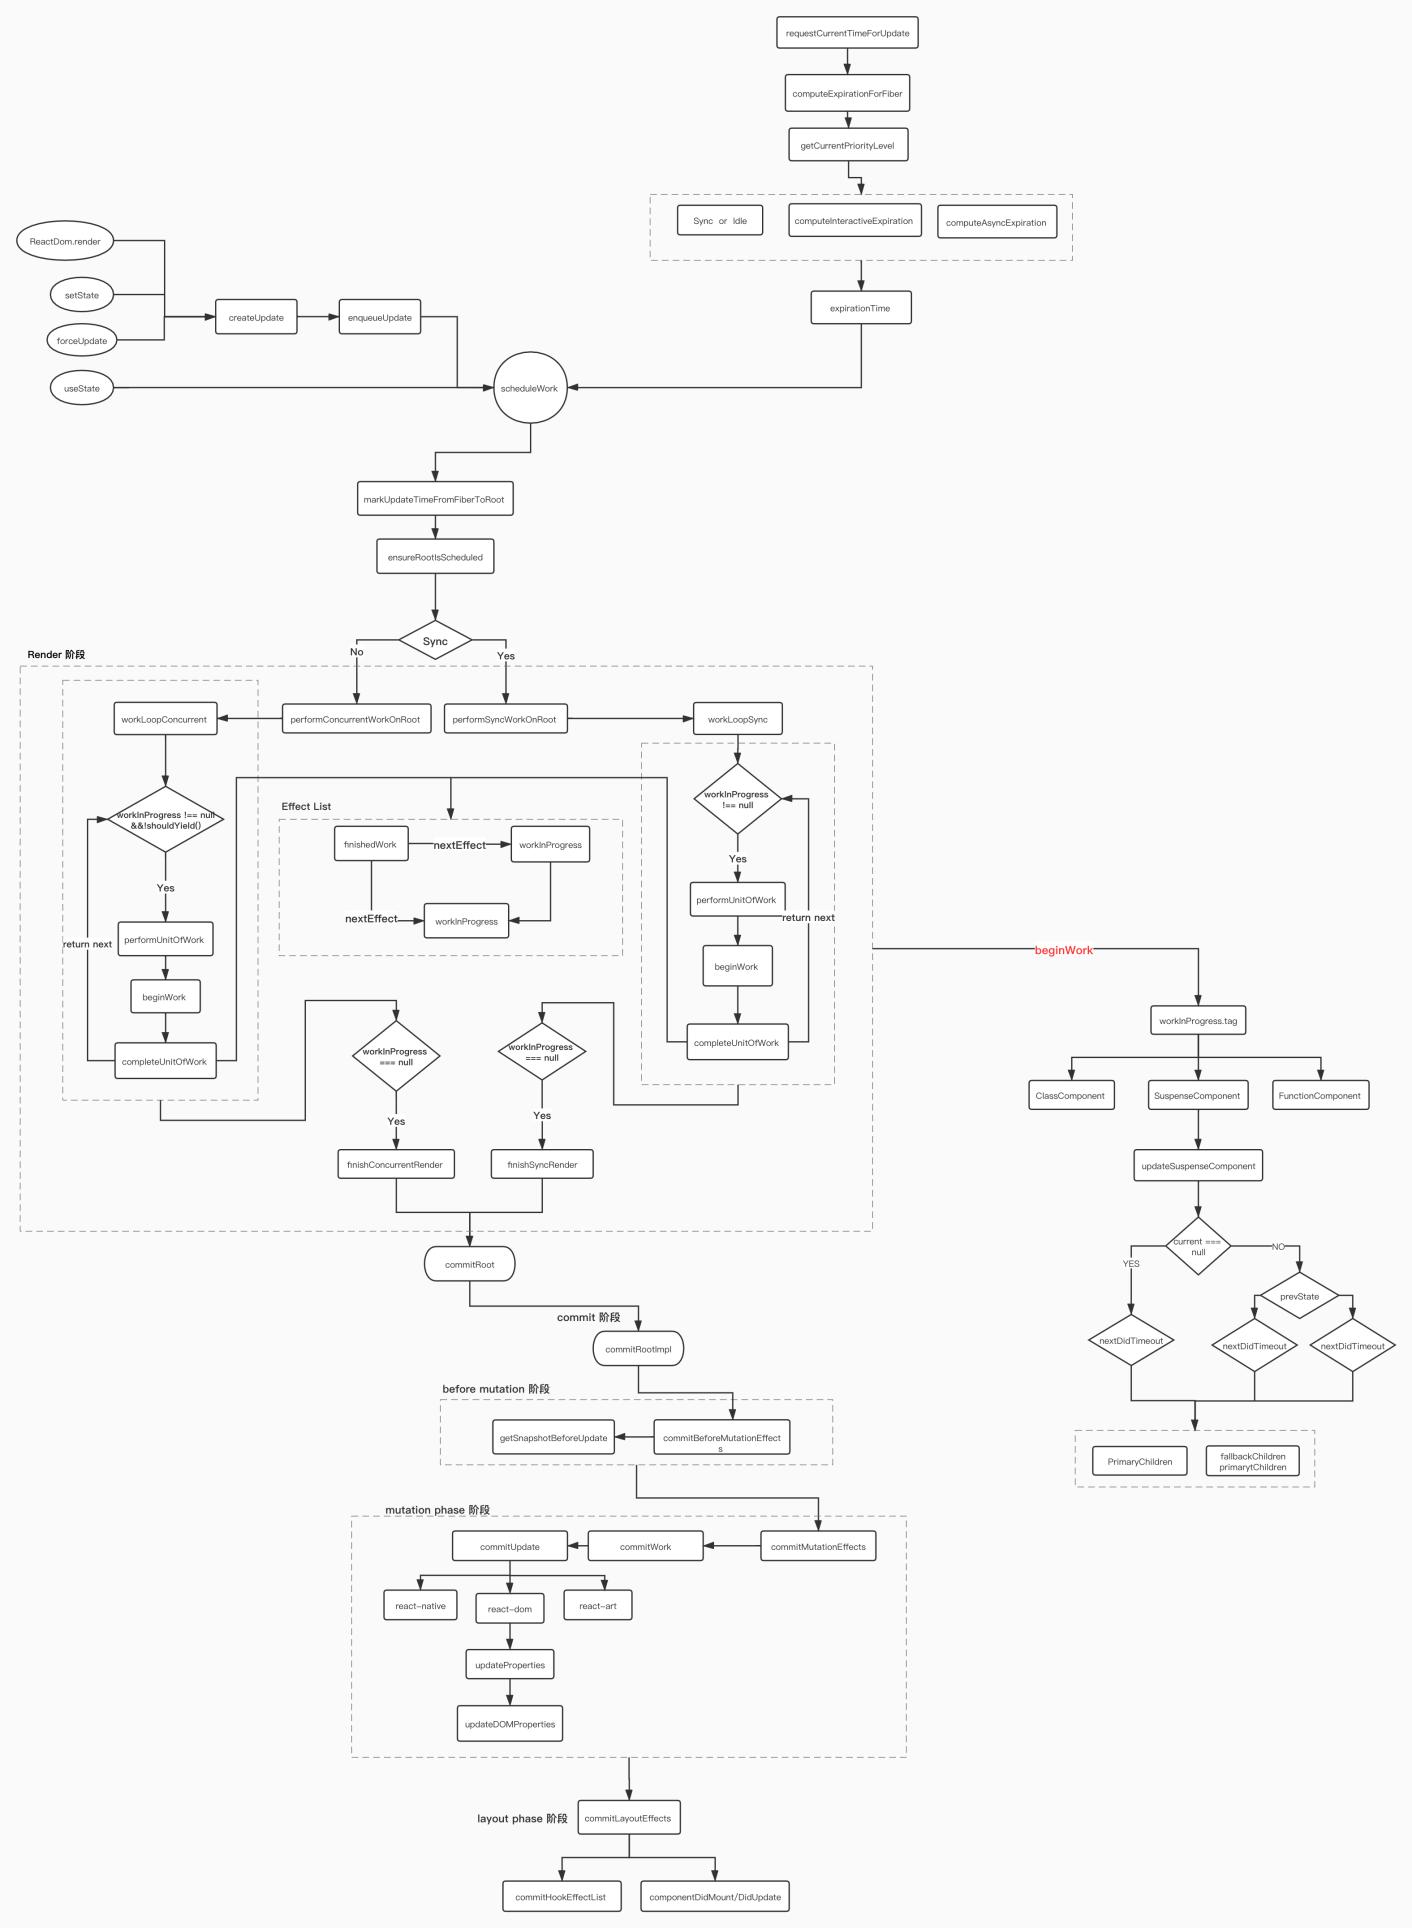 fiber调用链路.jpg